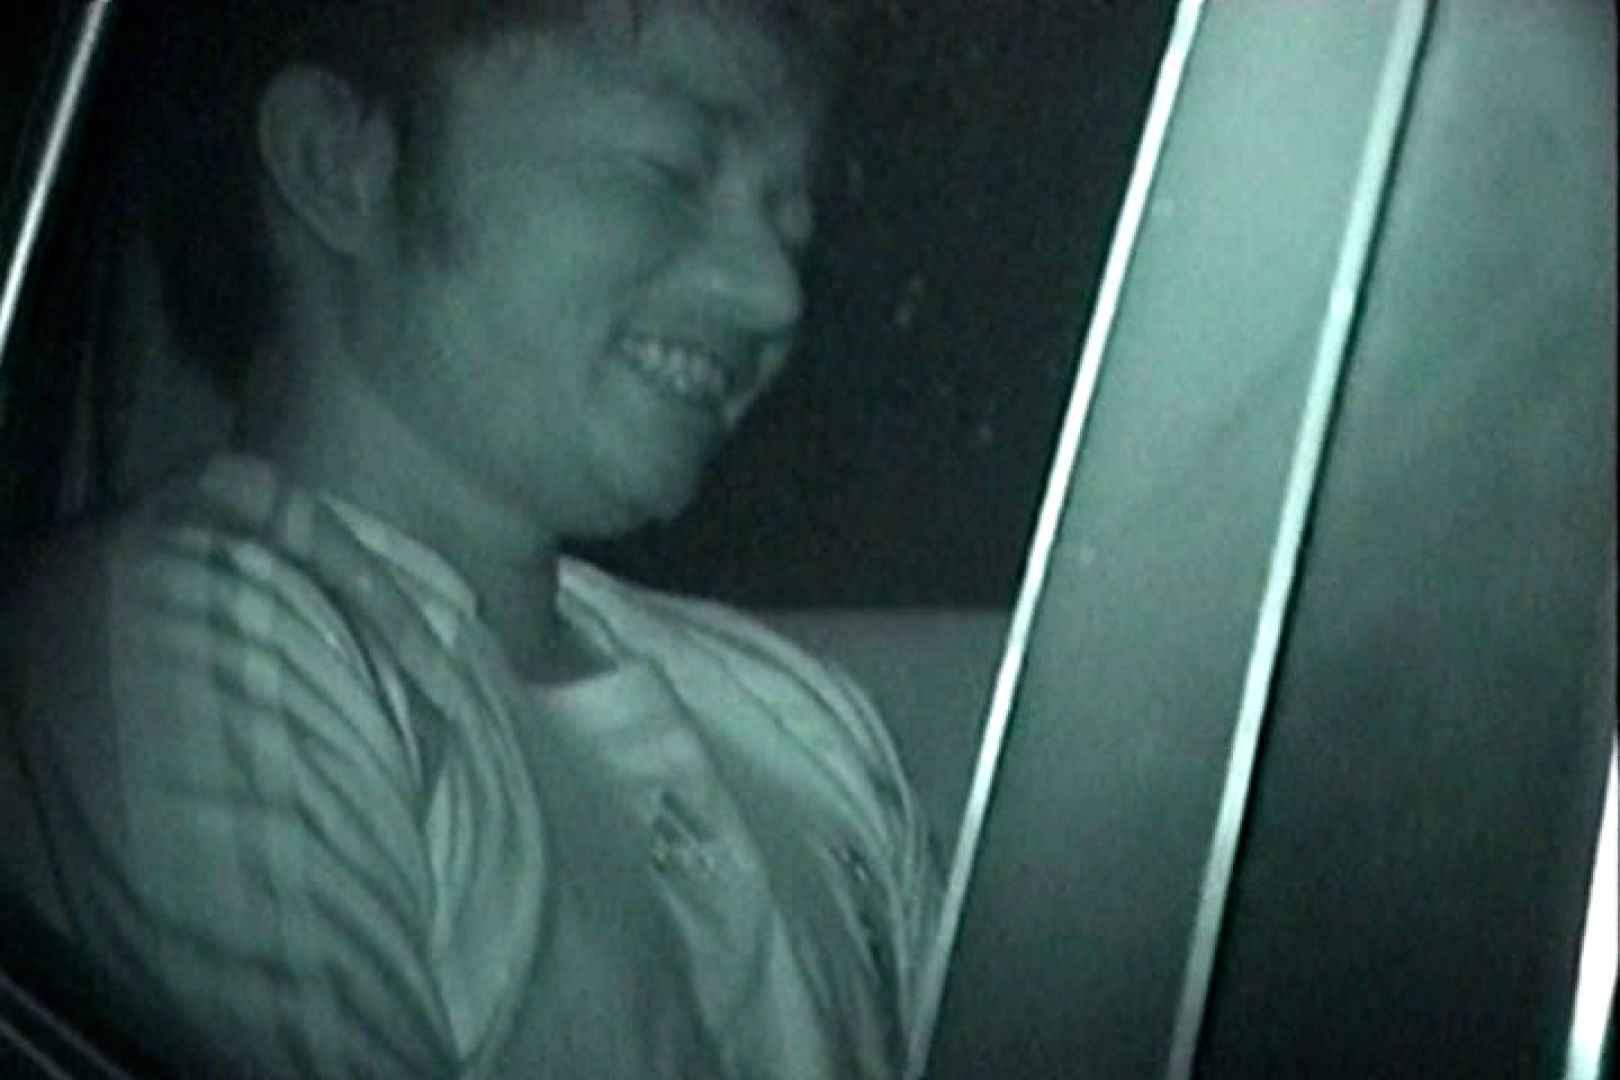 充血監督の深夜の運動会Vol.143 性欲溢れる女性達 オメコ無修正動画無料 109pic 99